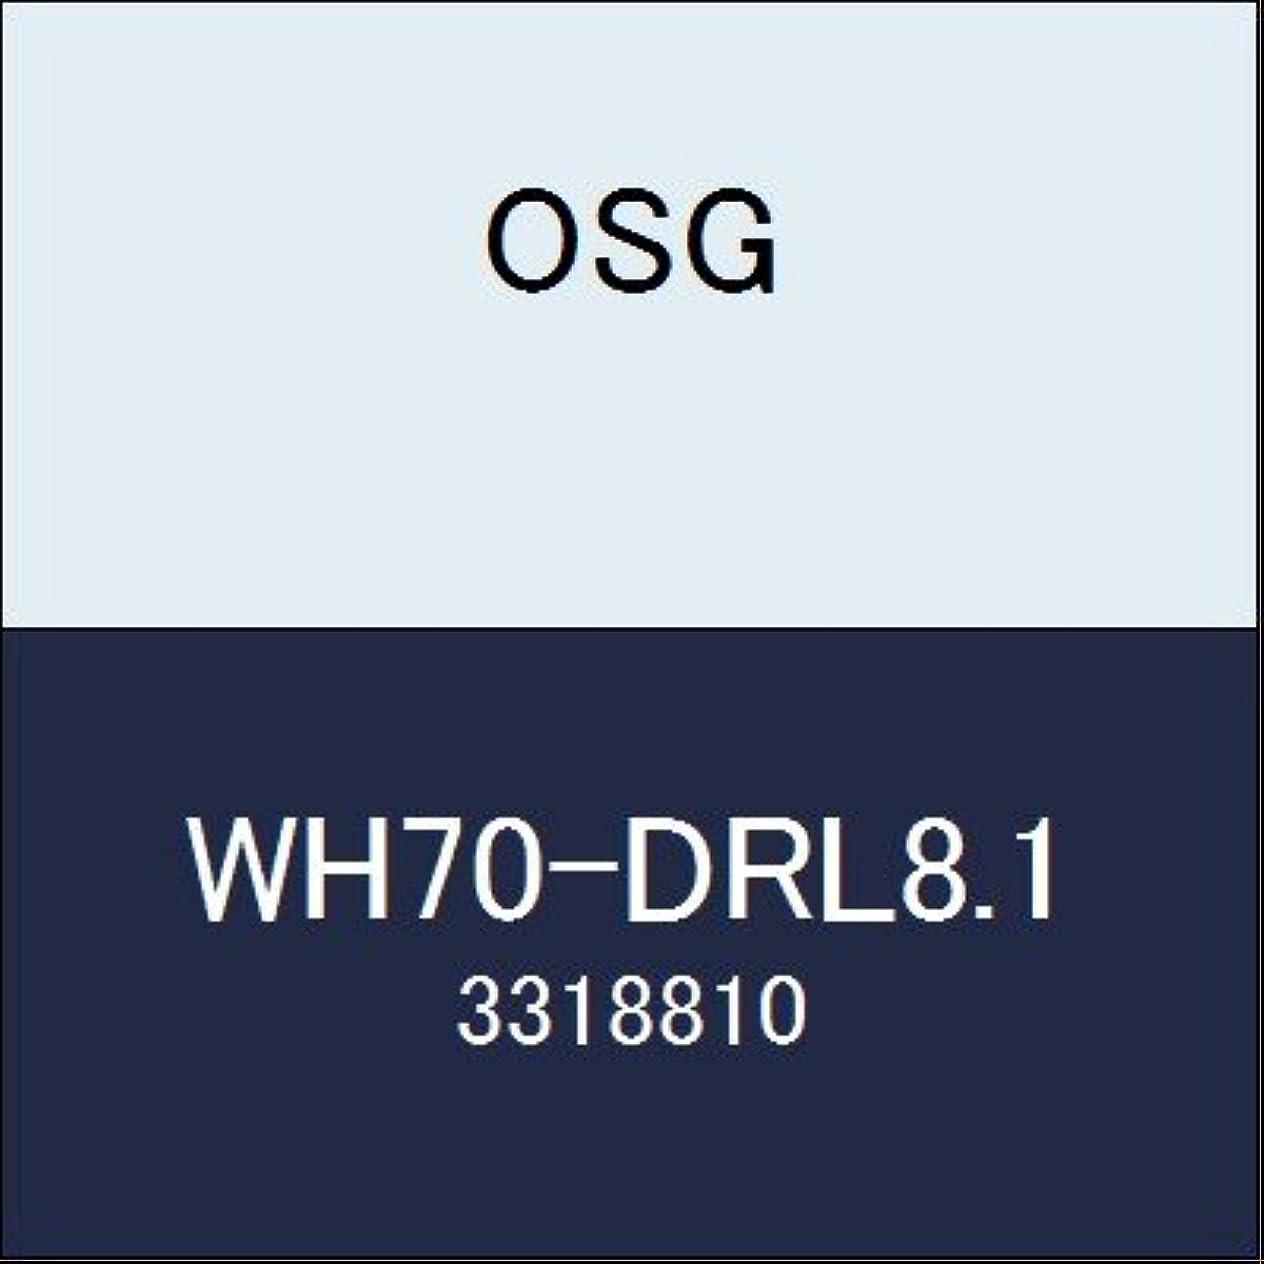 ラフトジョセフバンクス迷惑OSG 超硬ドリル WH70-DRL8.1 商品番号 3318810